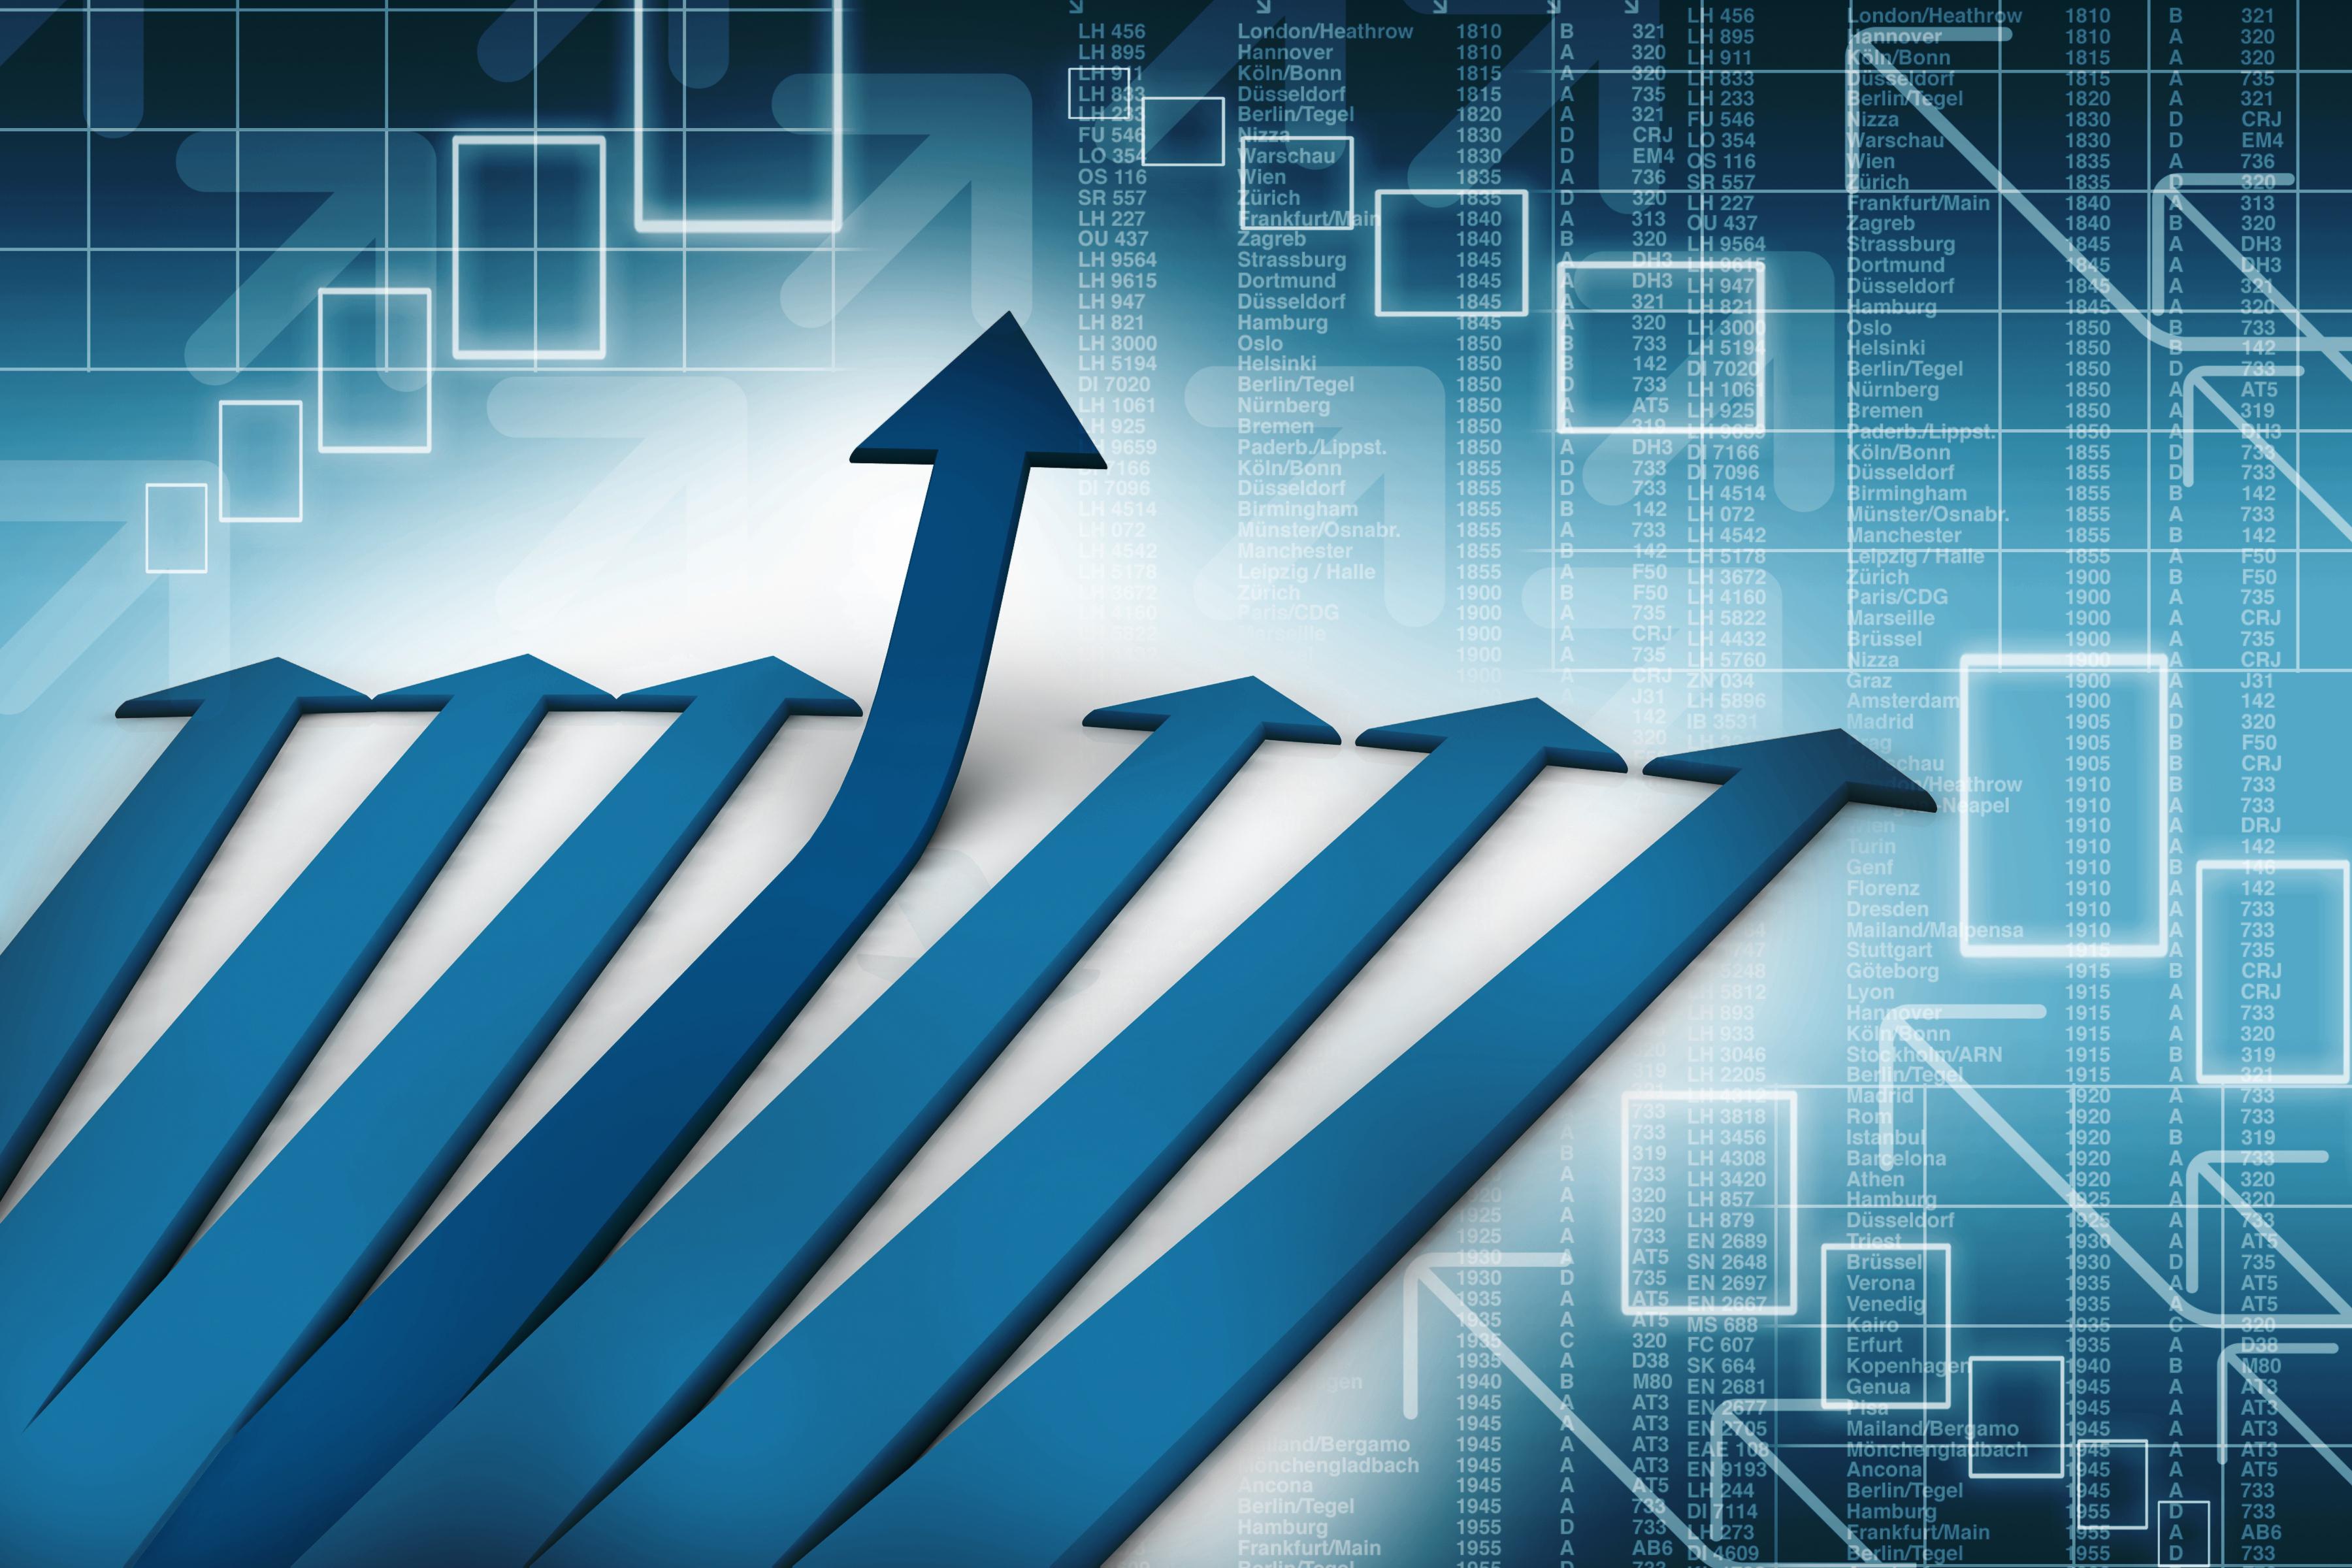 Προσέγγιση στη ζώνη του 2% από τον πληθωρισμό τον Αύγουστο (1,9%)